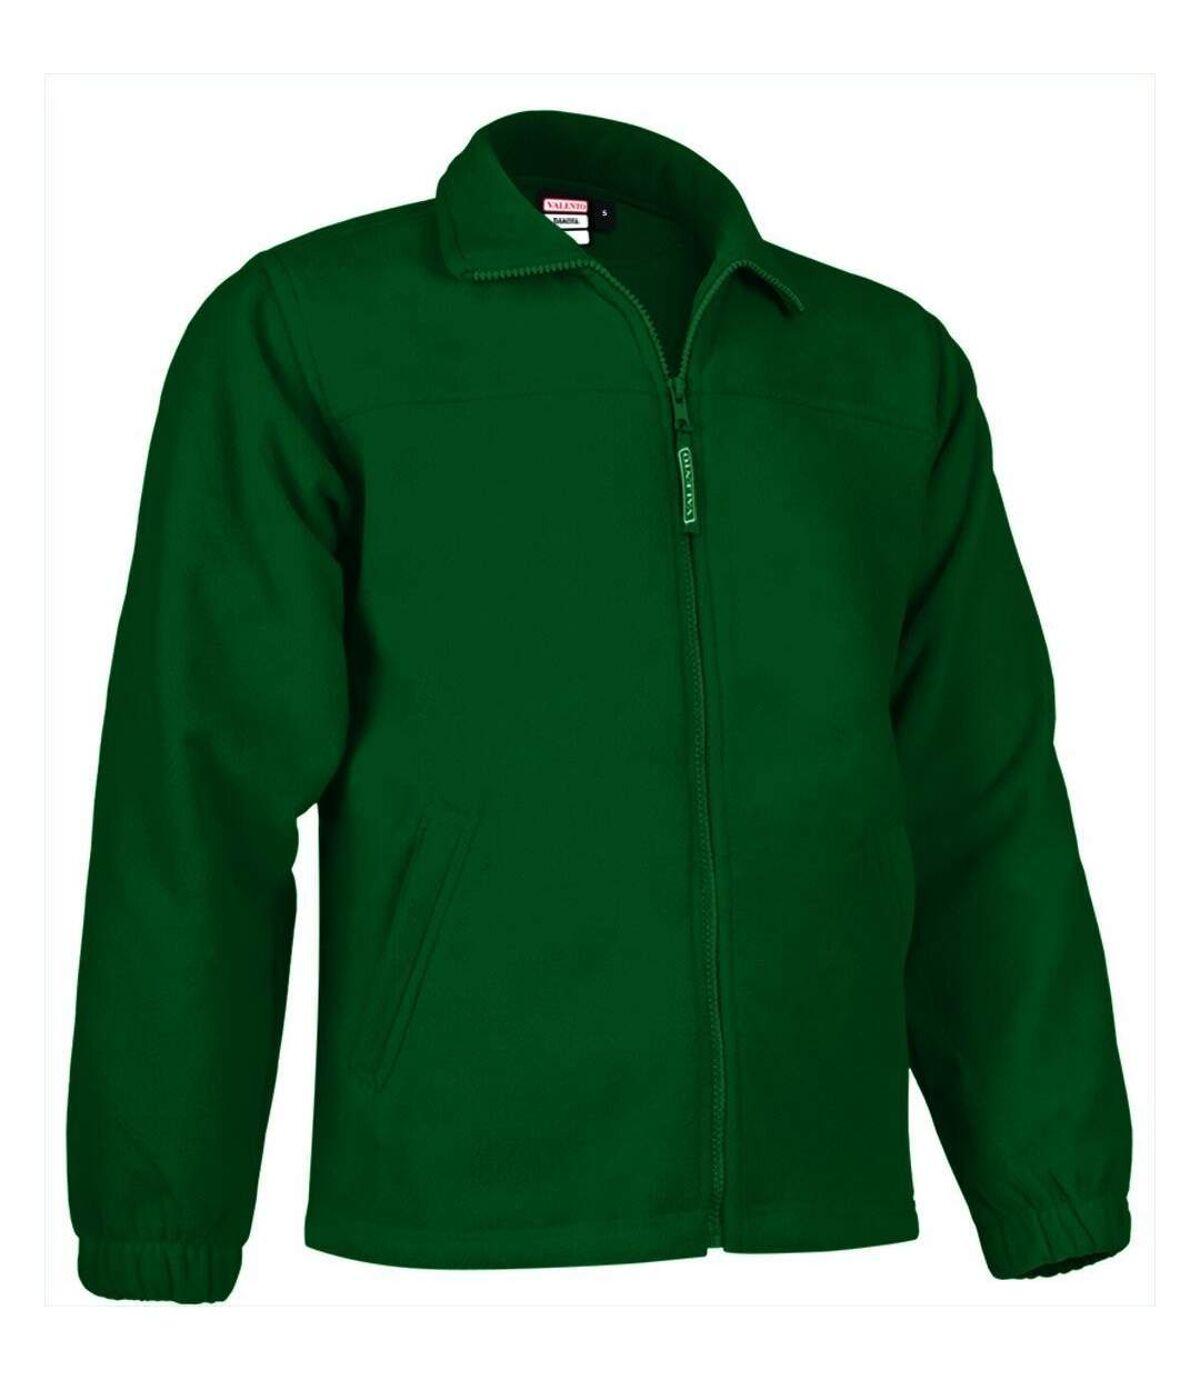 Veste polaire zippée - Homme - REF DAKOTA - vert bouteille